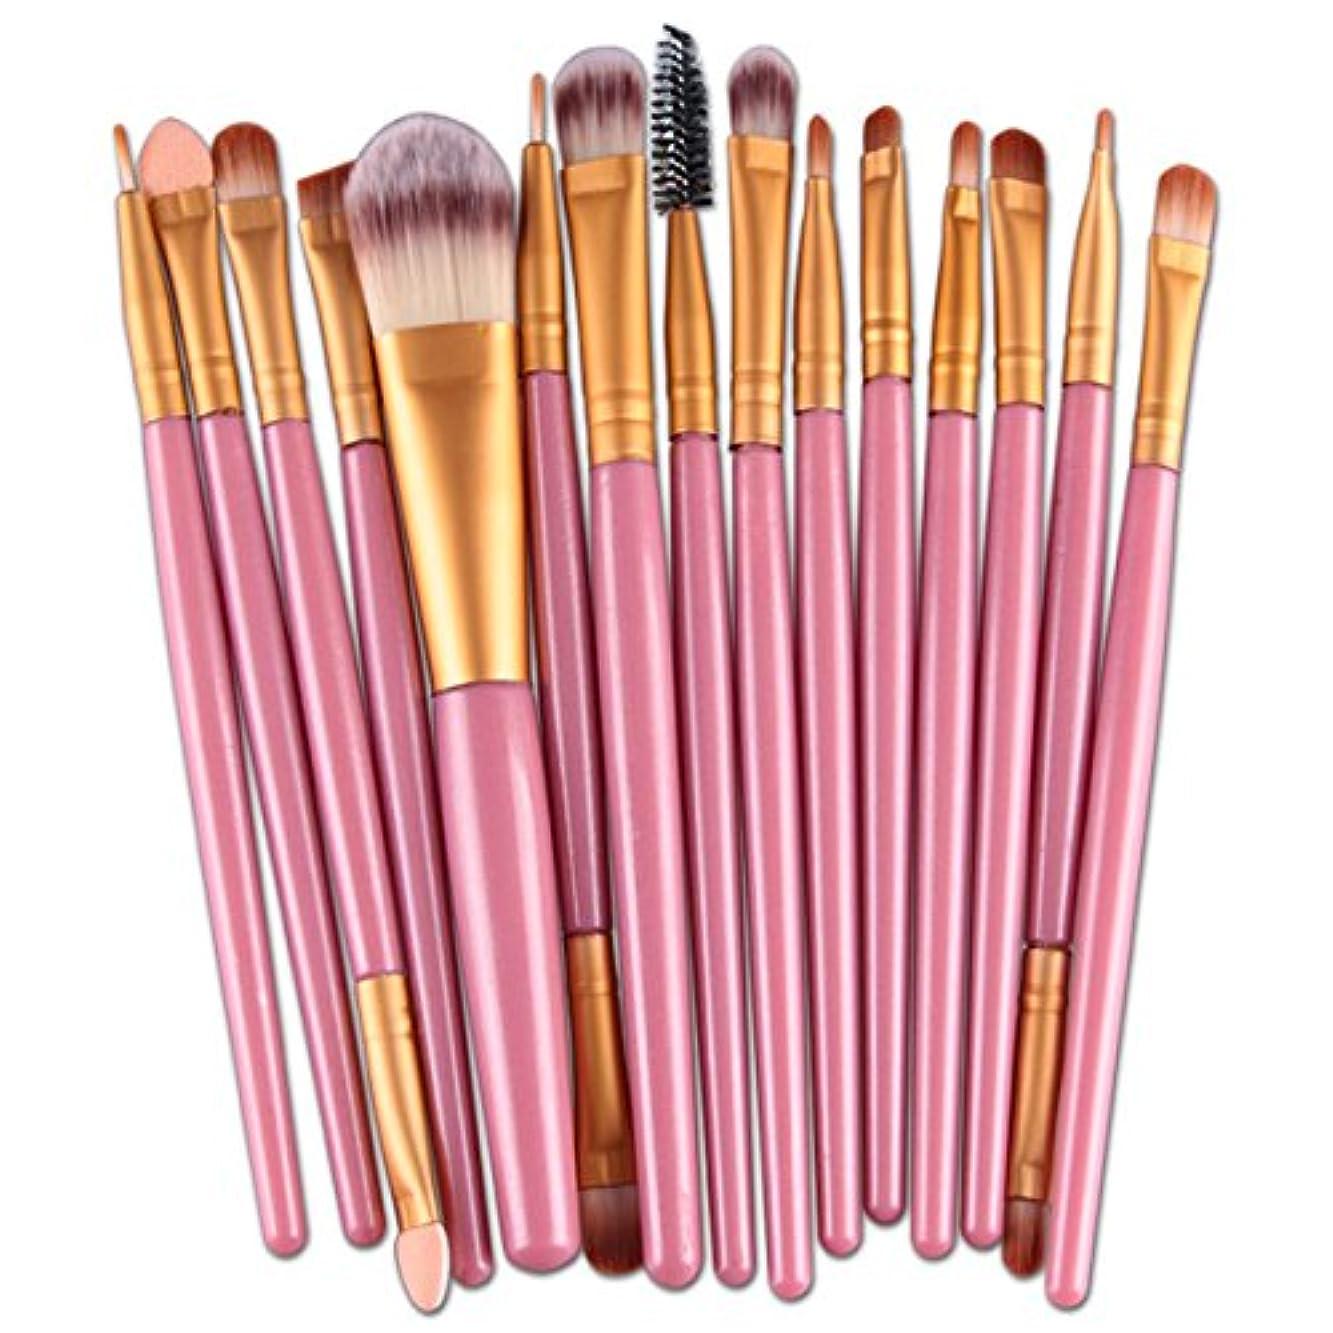 レキシコン日光適合しました15ピース化粧ブラシキット OD企画 カラフルなフェイスコンシーラーアイシャドー女性のためのツール女の子の日常生活やパーティー パウダーアイライナー赤面スリップファンデーションメイクアップ美容ブラシセット